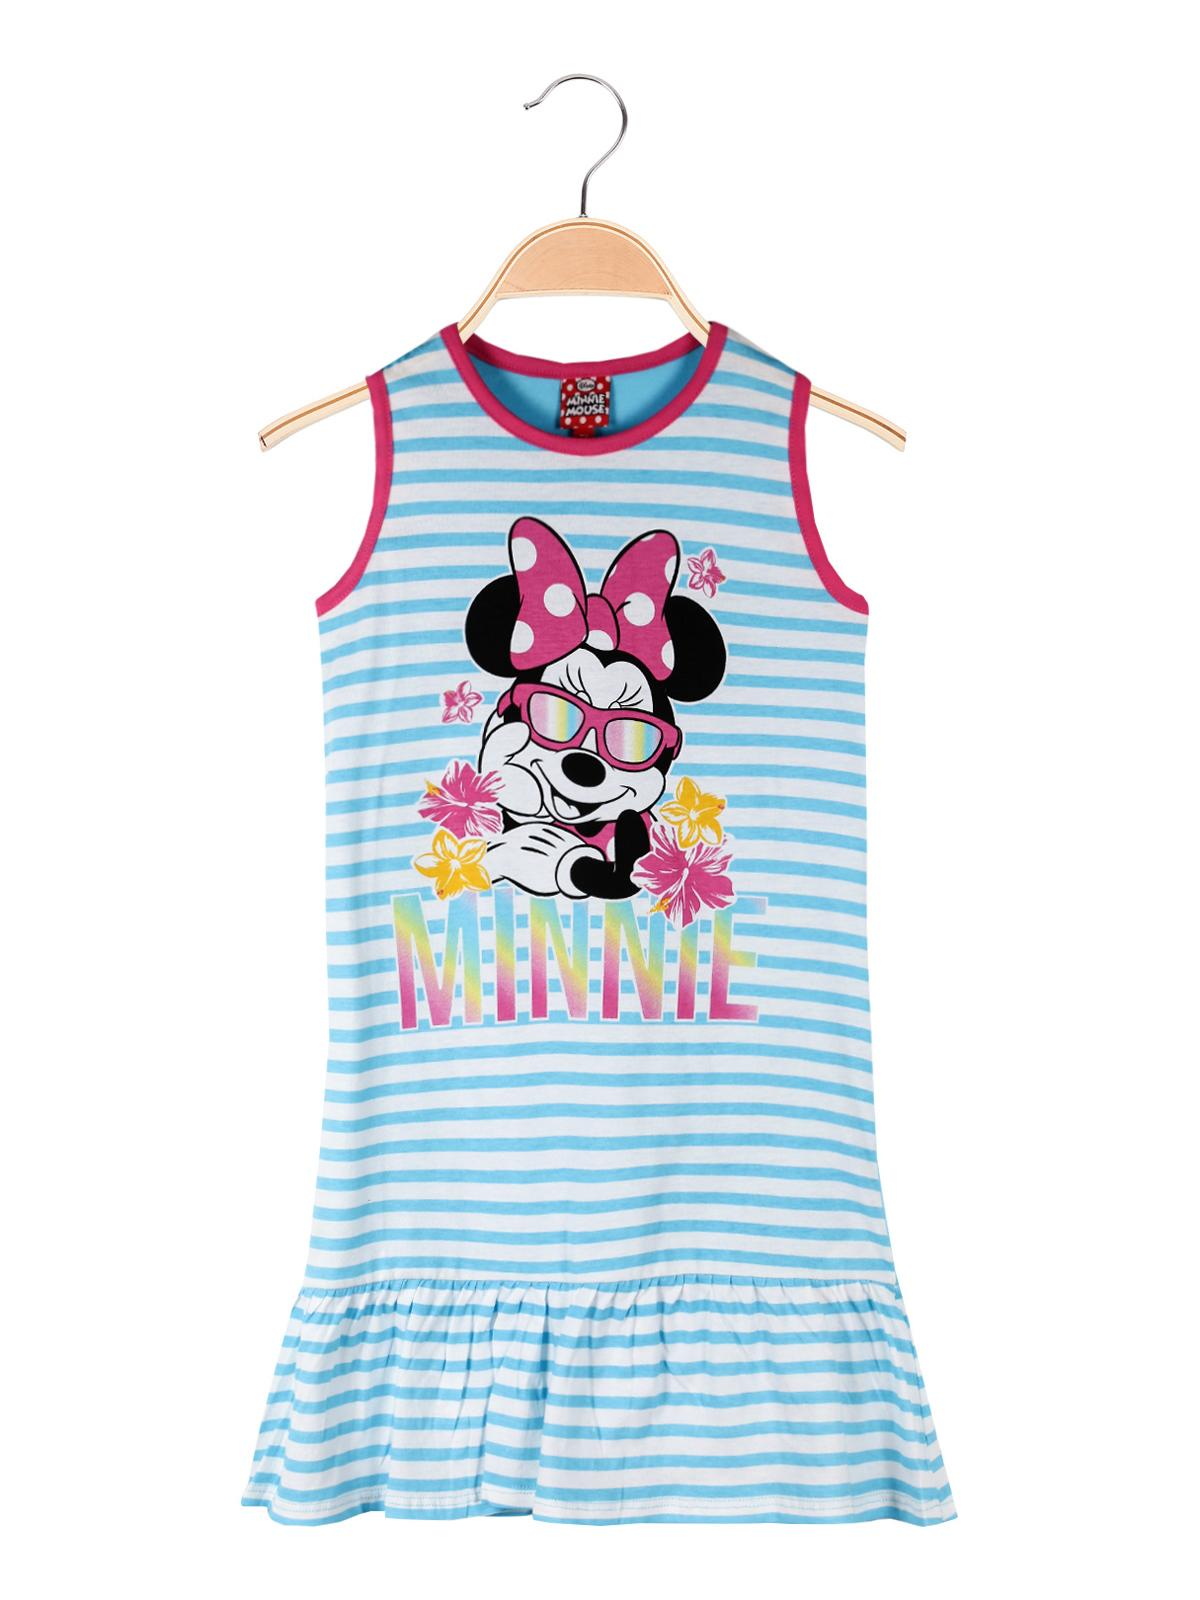 Bambina Vestito Con Maglietta Vestito Minnie Maglietta Con Minnie 54Aq3RjL